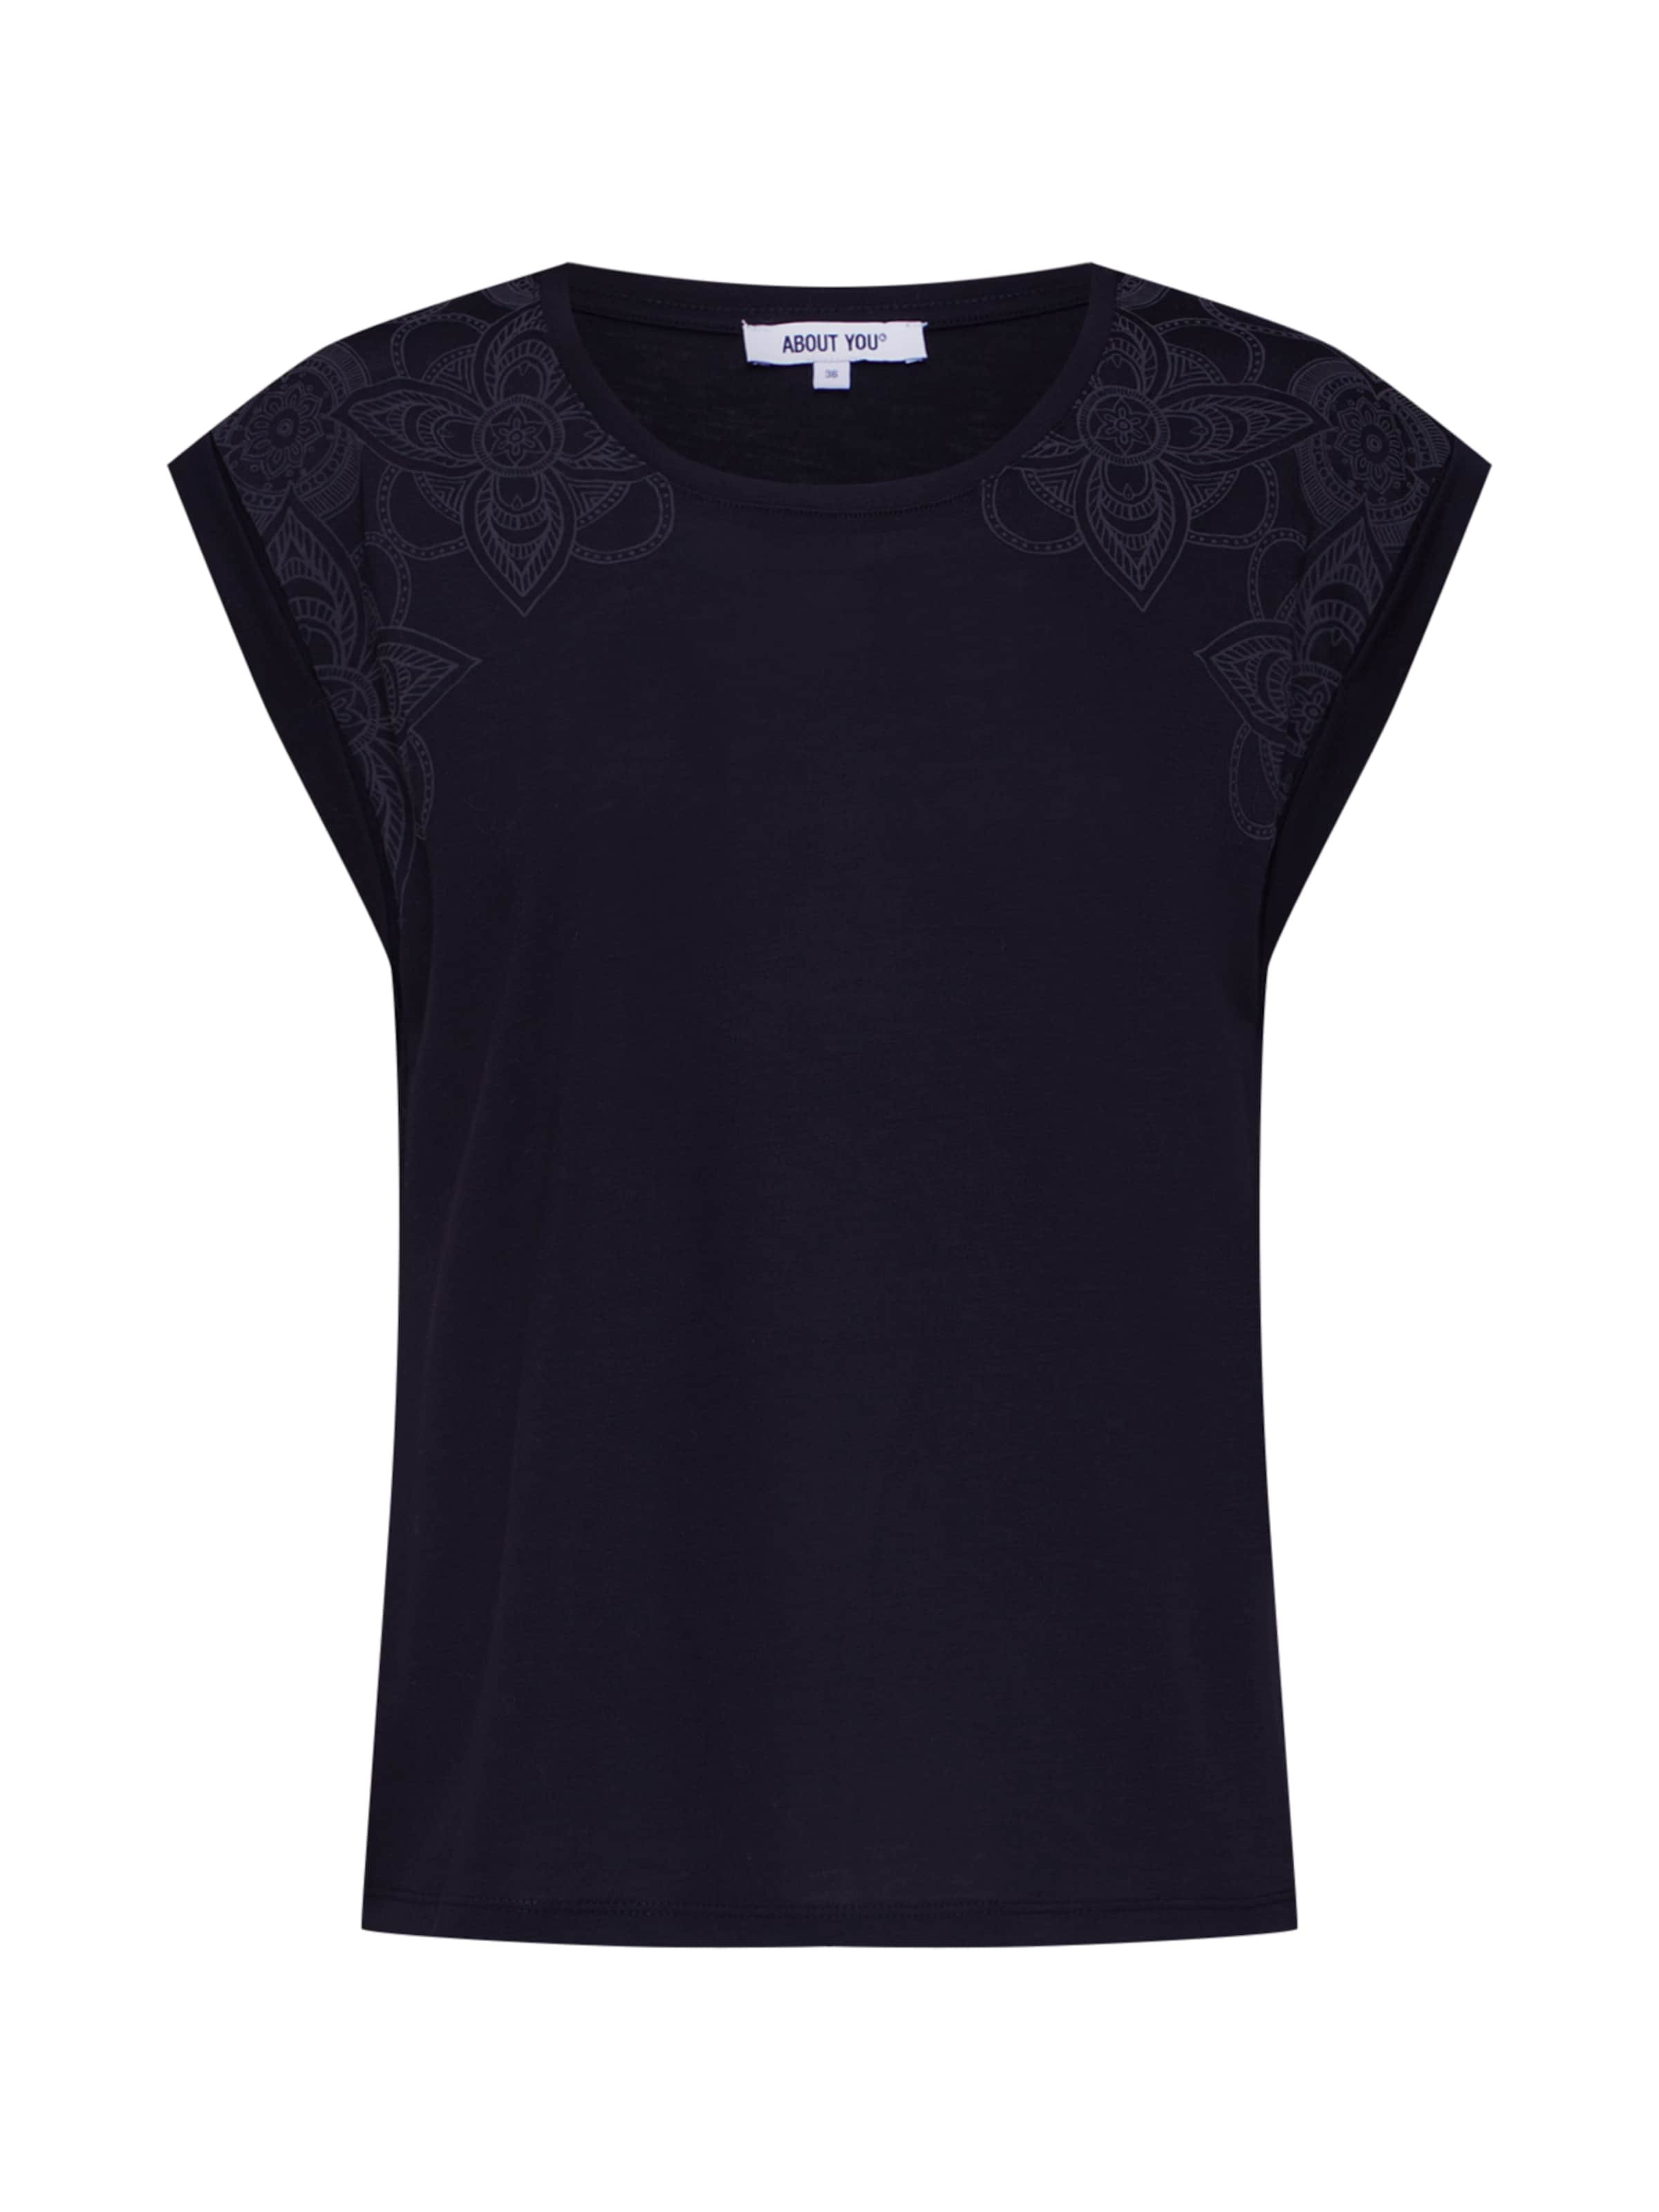 You Shirt In Schwarz 'luisa' About iuPZkX